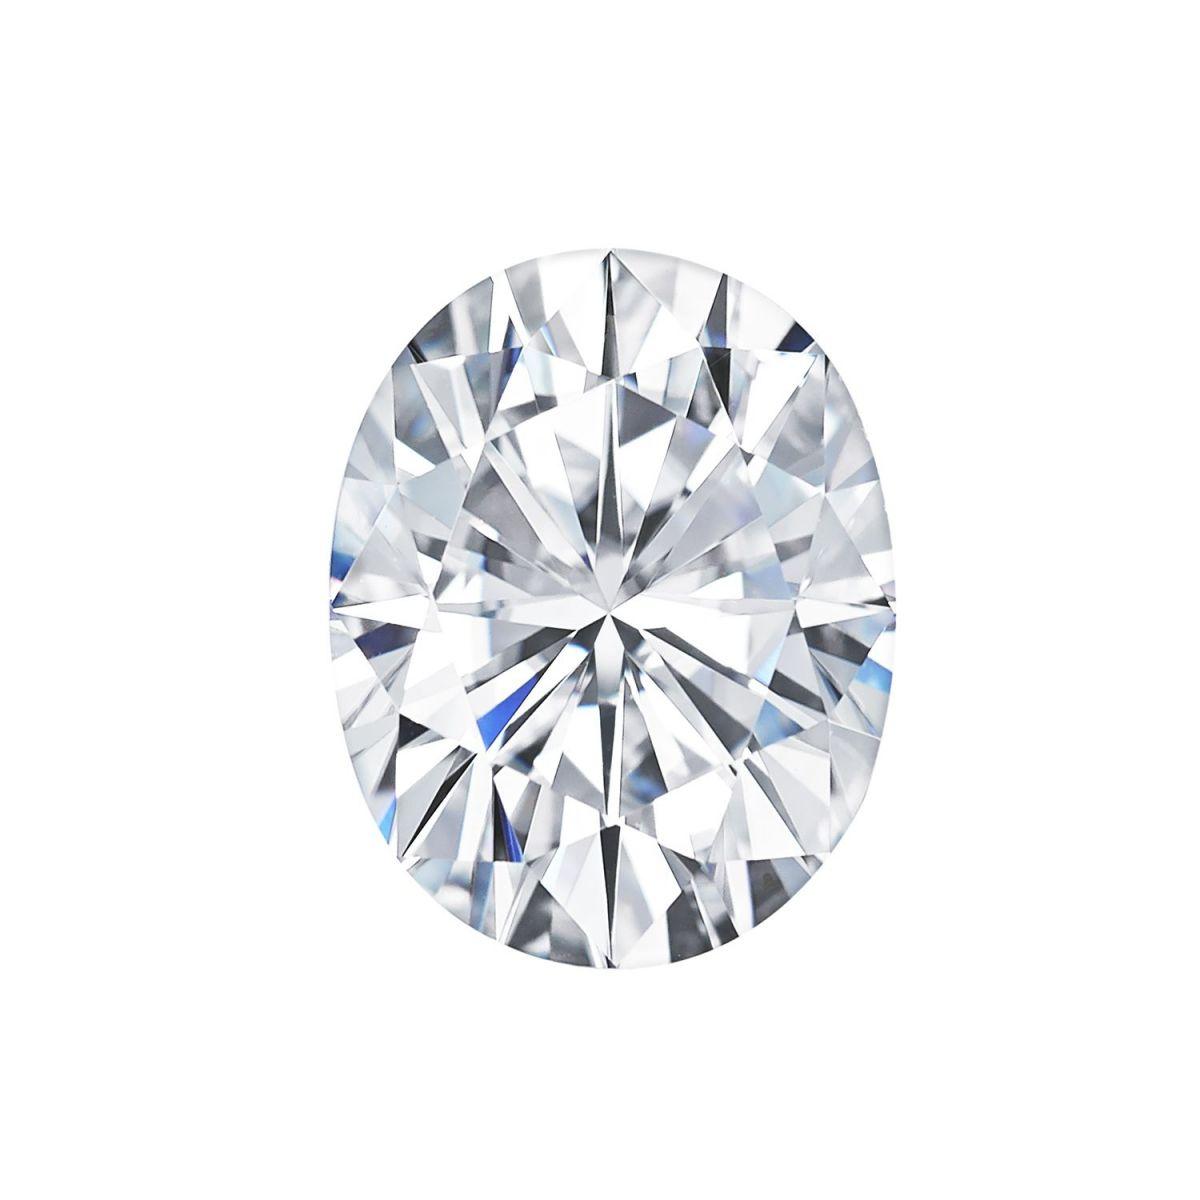 https://www.loveandpromisejewelers.com/media/catalog/product/cache/feefdef027ccf0d59dd1fef51db0610e/o/v/oval_moissanite_image_1.jpg